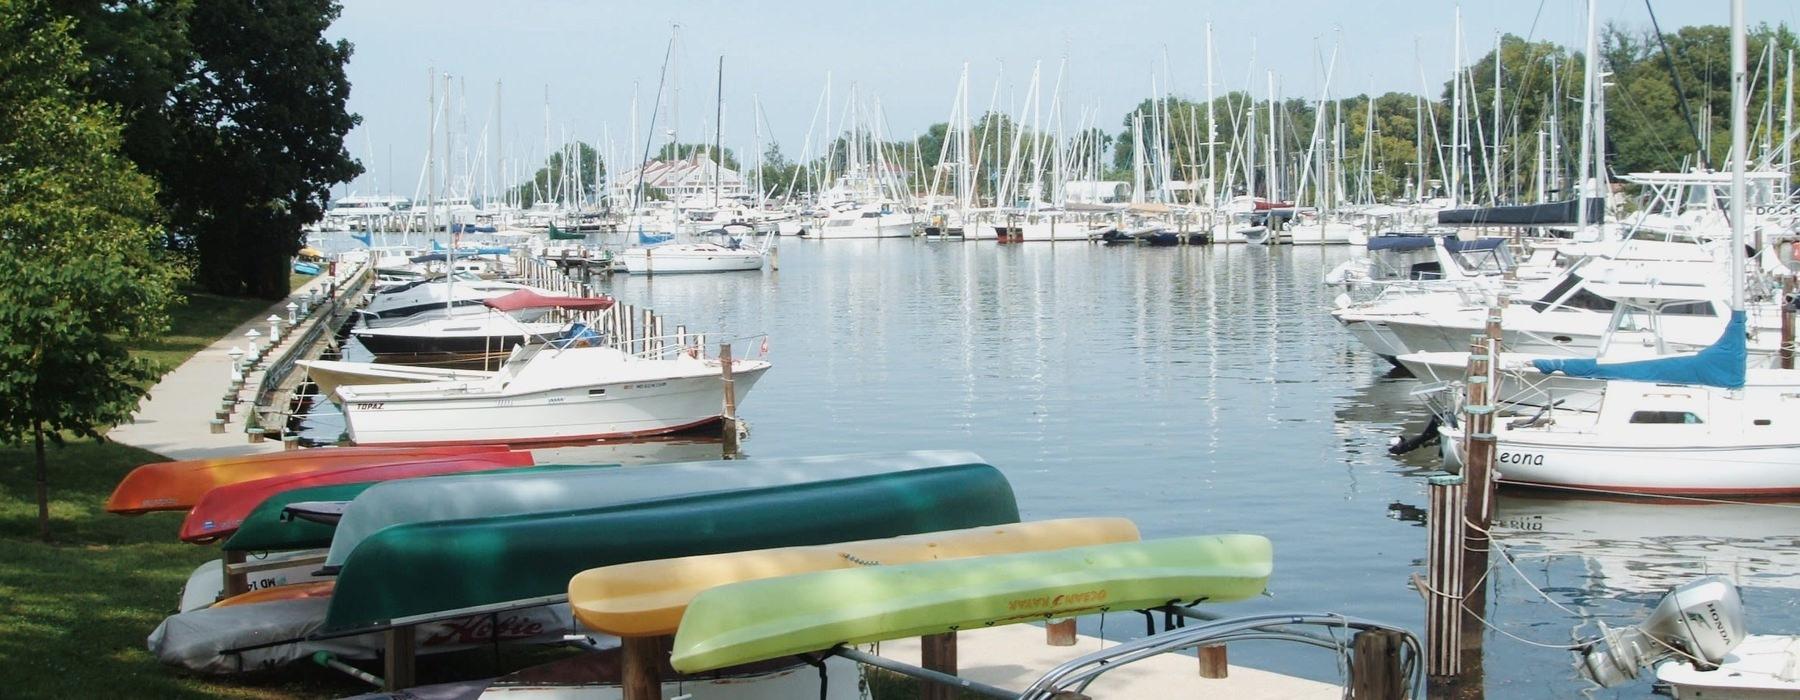 Marina with kayaks and sailing boats.